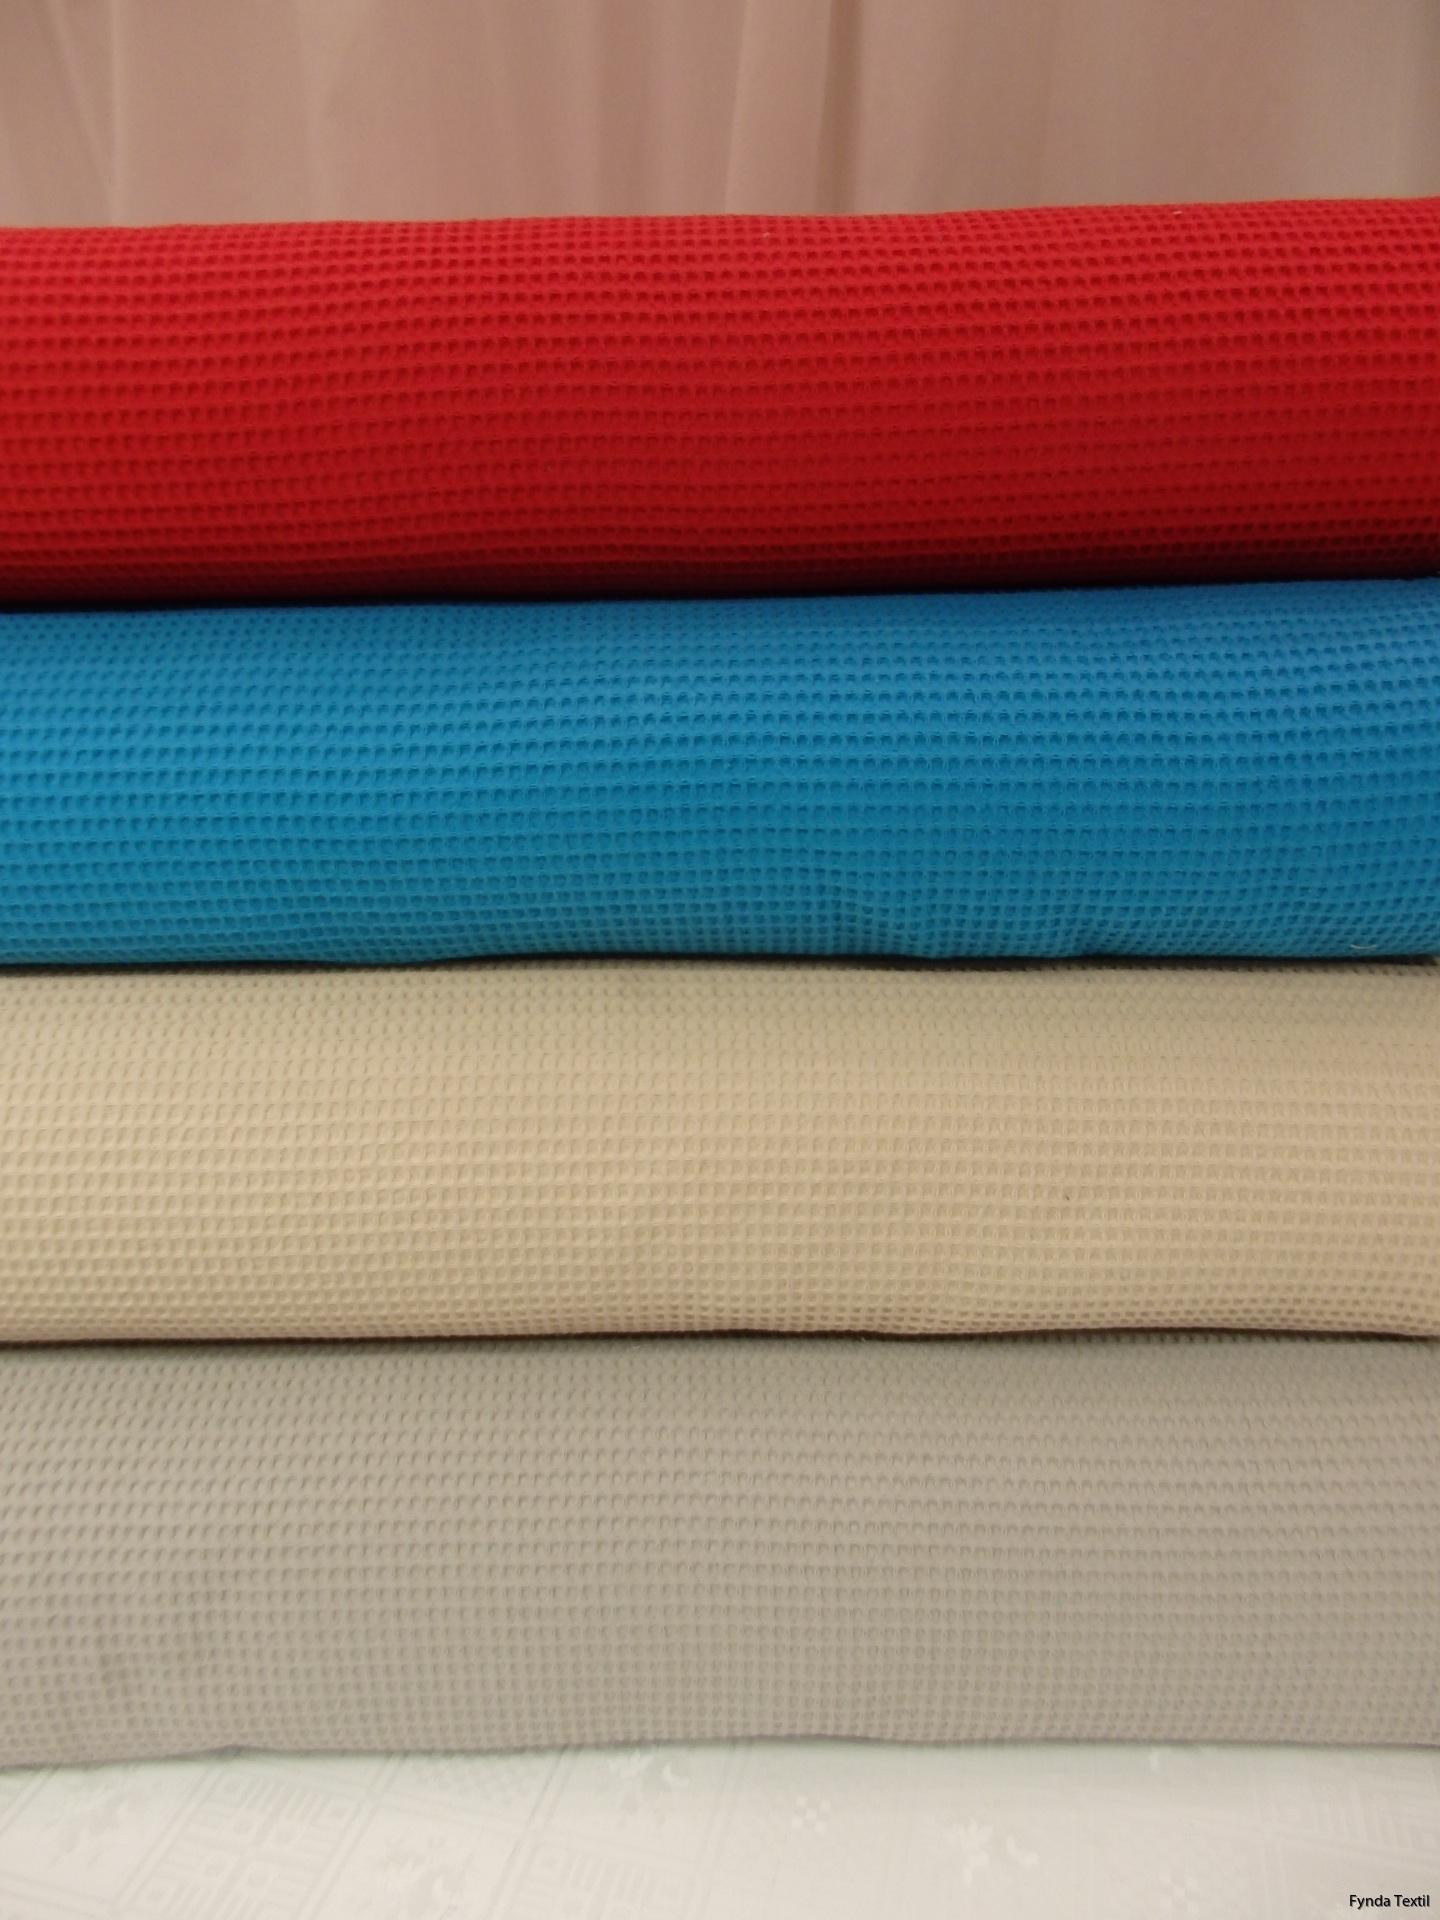 Uppifrån och ner: Röd, turkos, beige och grå